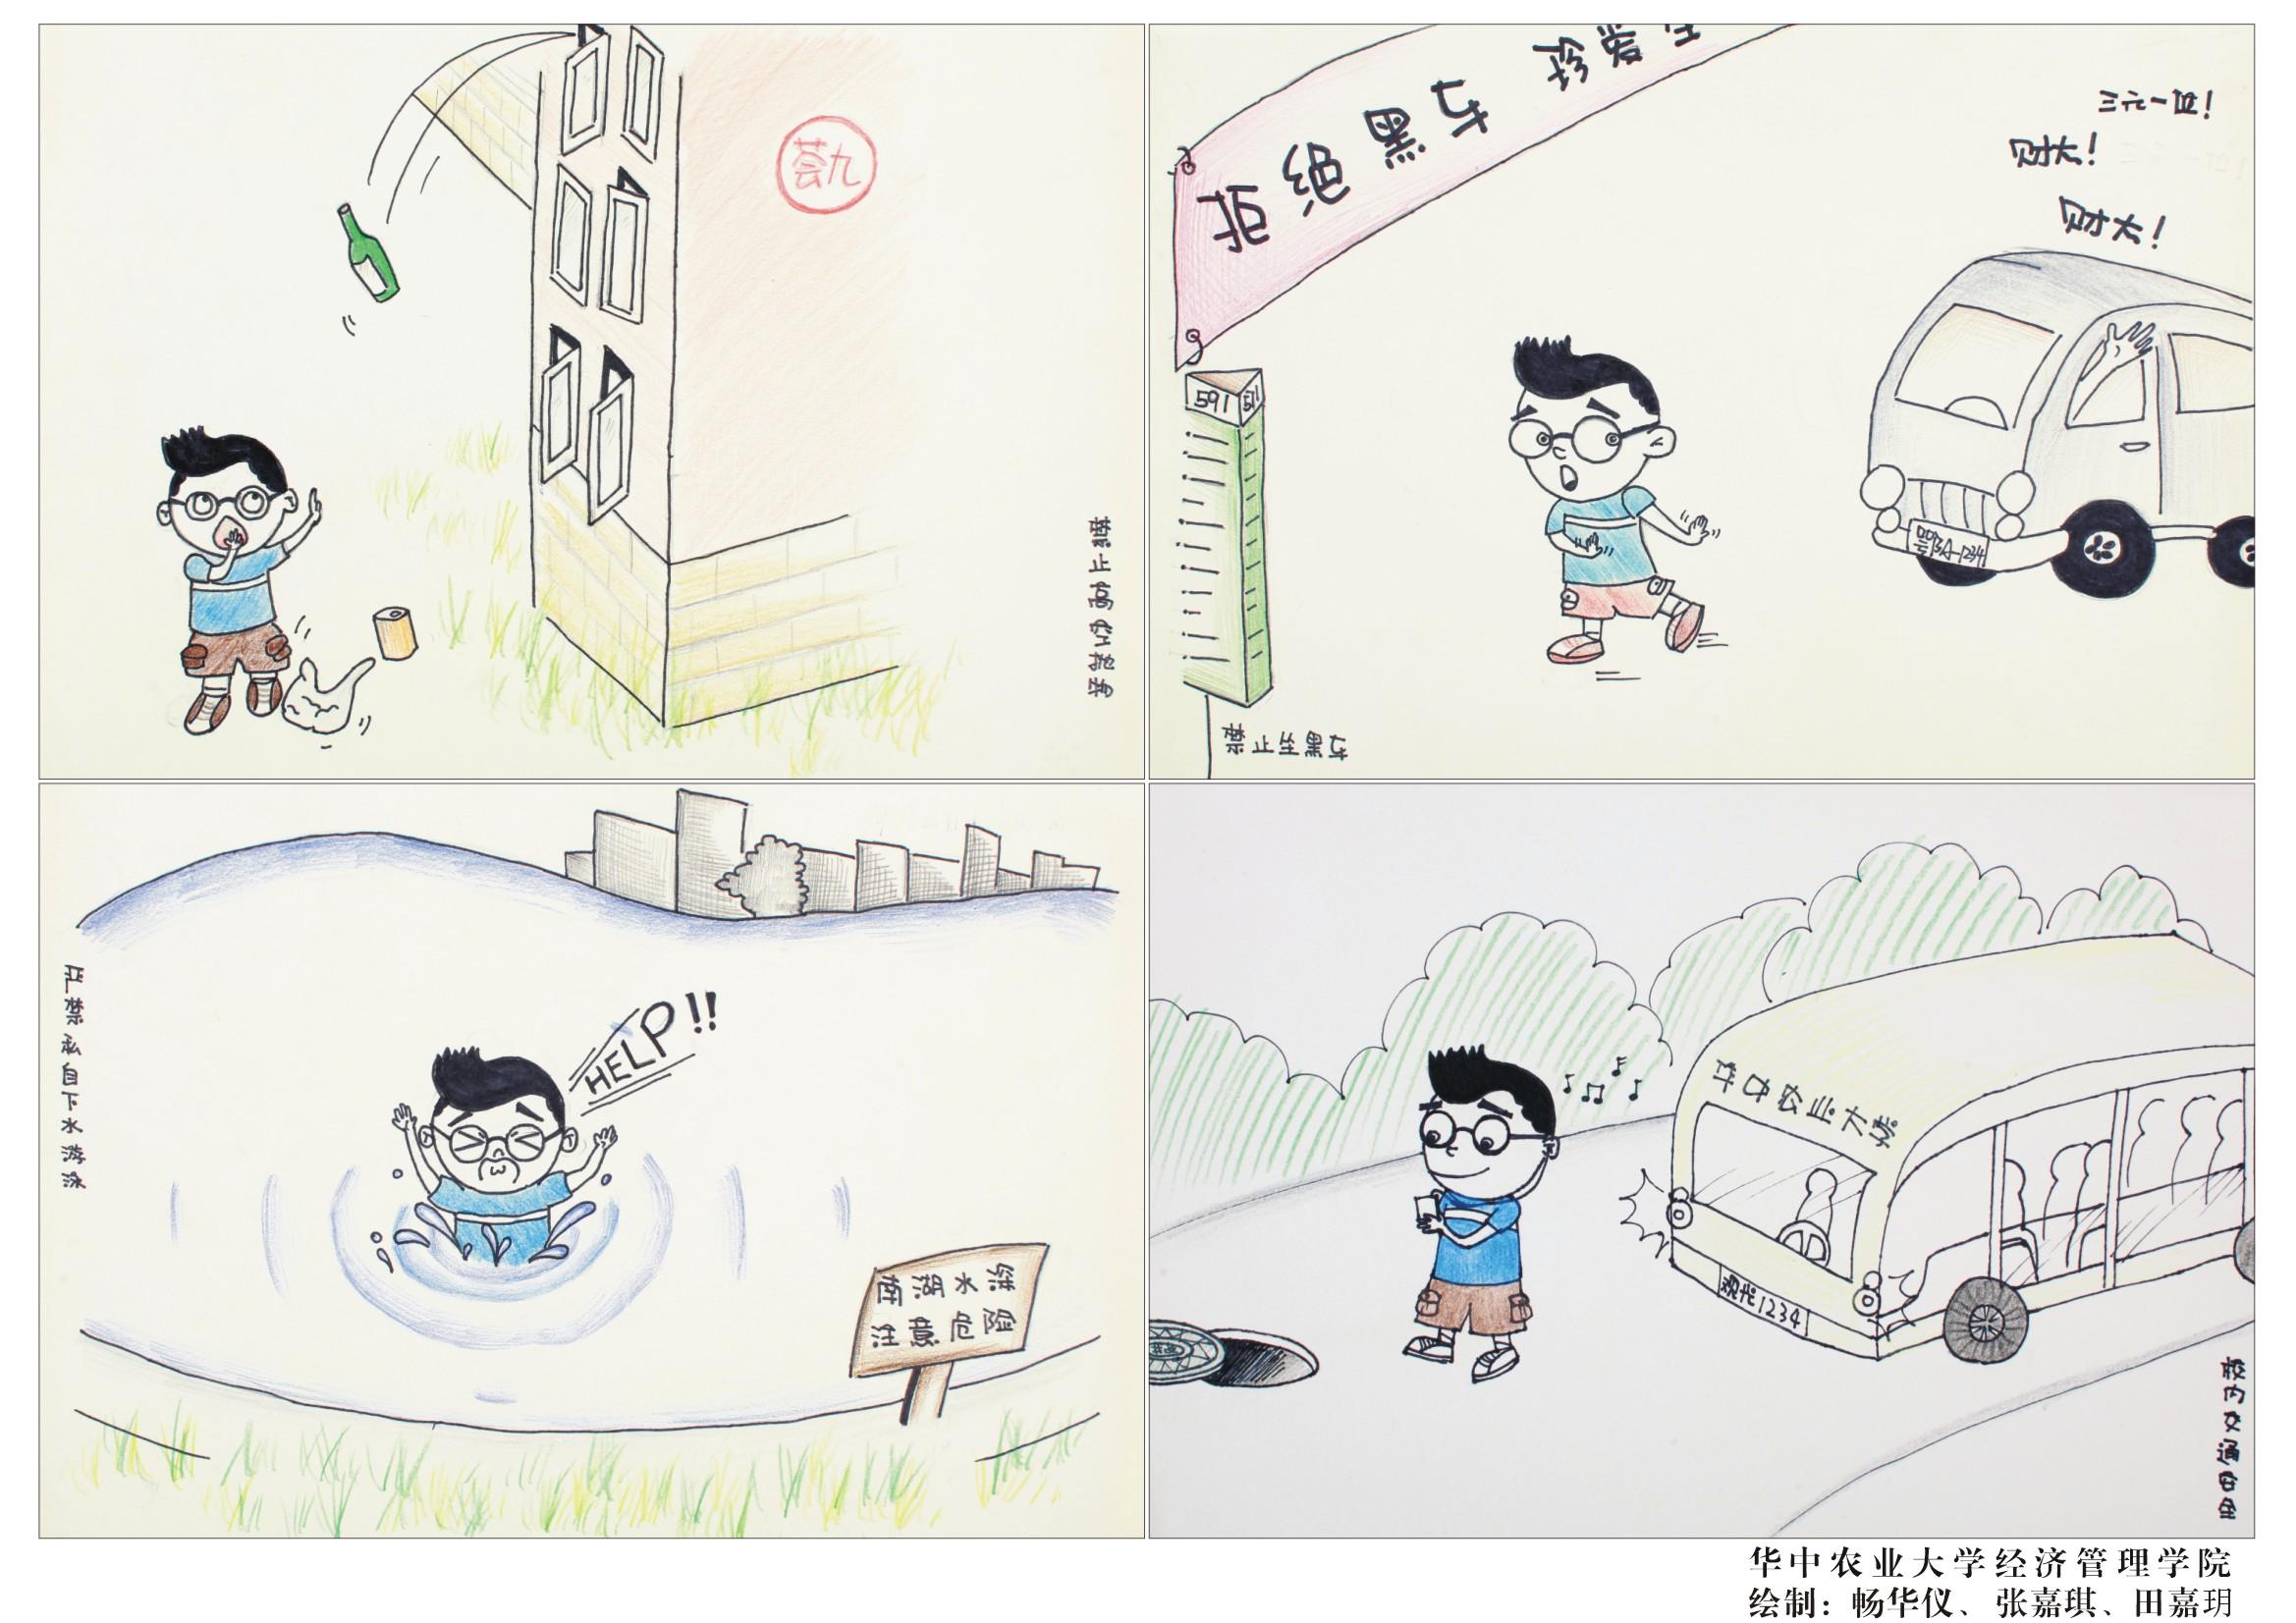 经管院学生手绘安全主题漫画